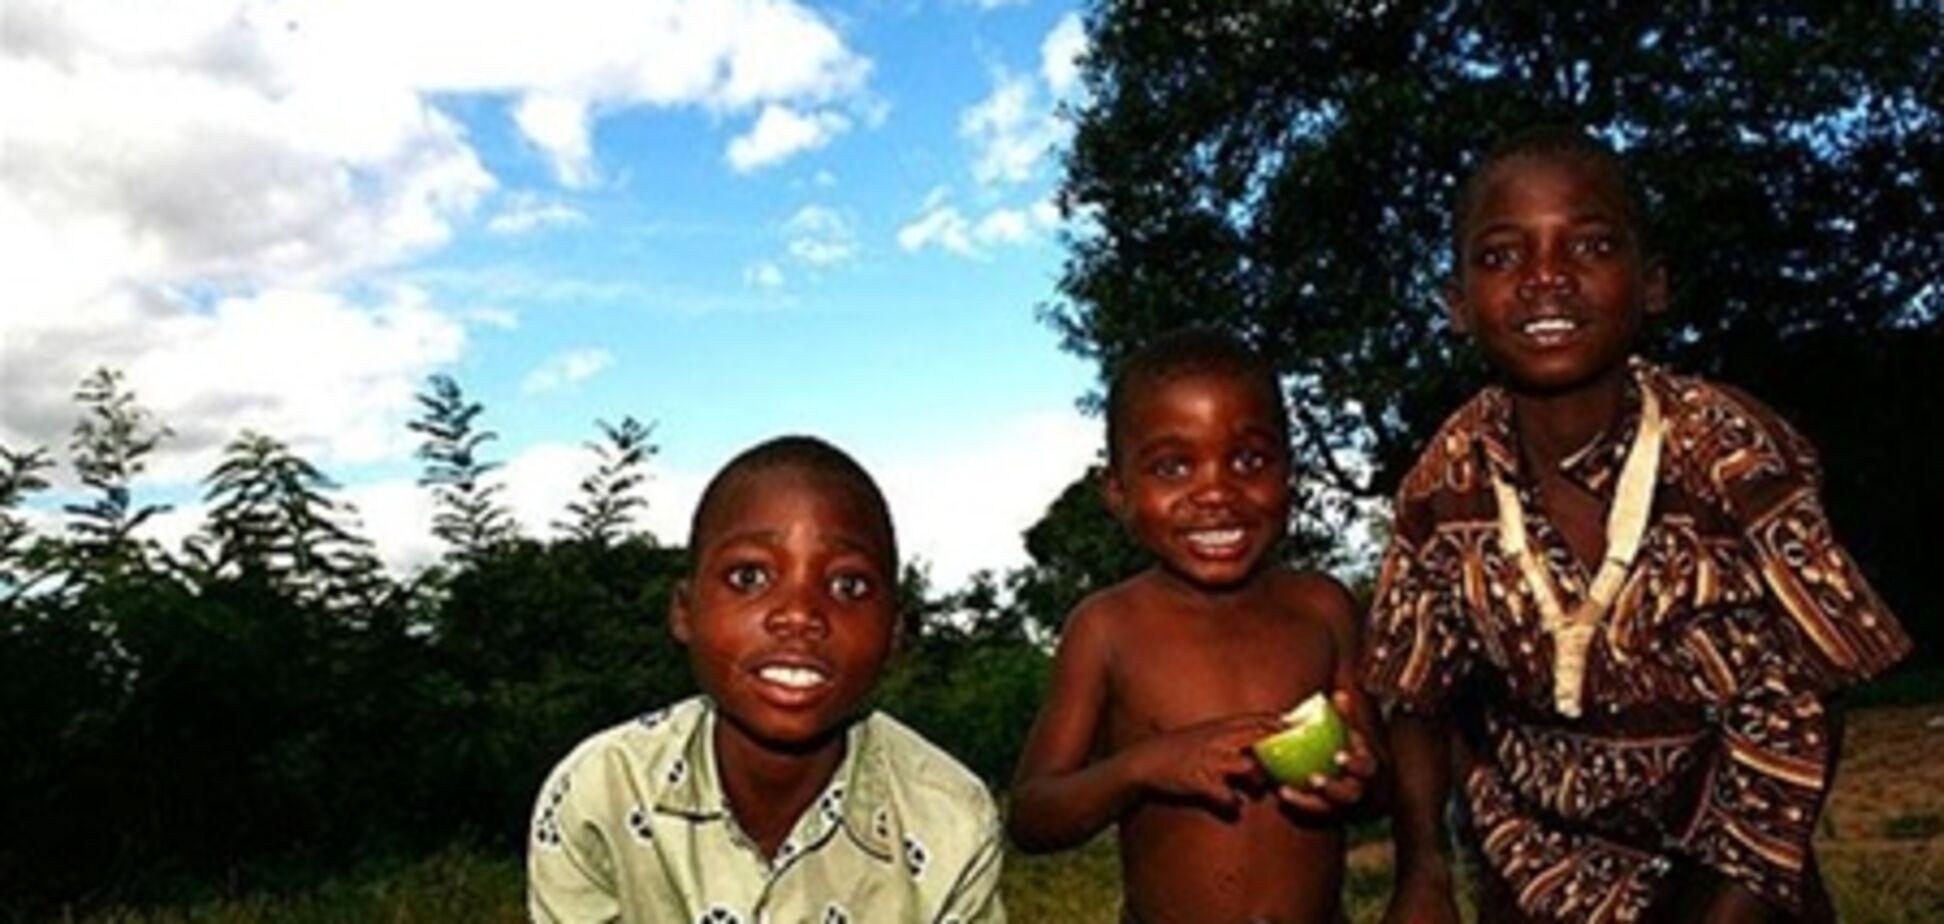 В Малави хотят запретить пукать в общественном месте